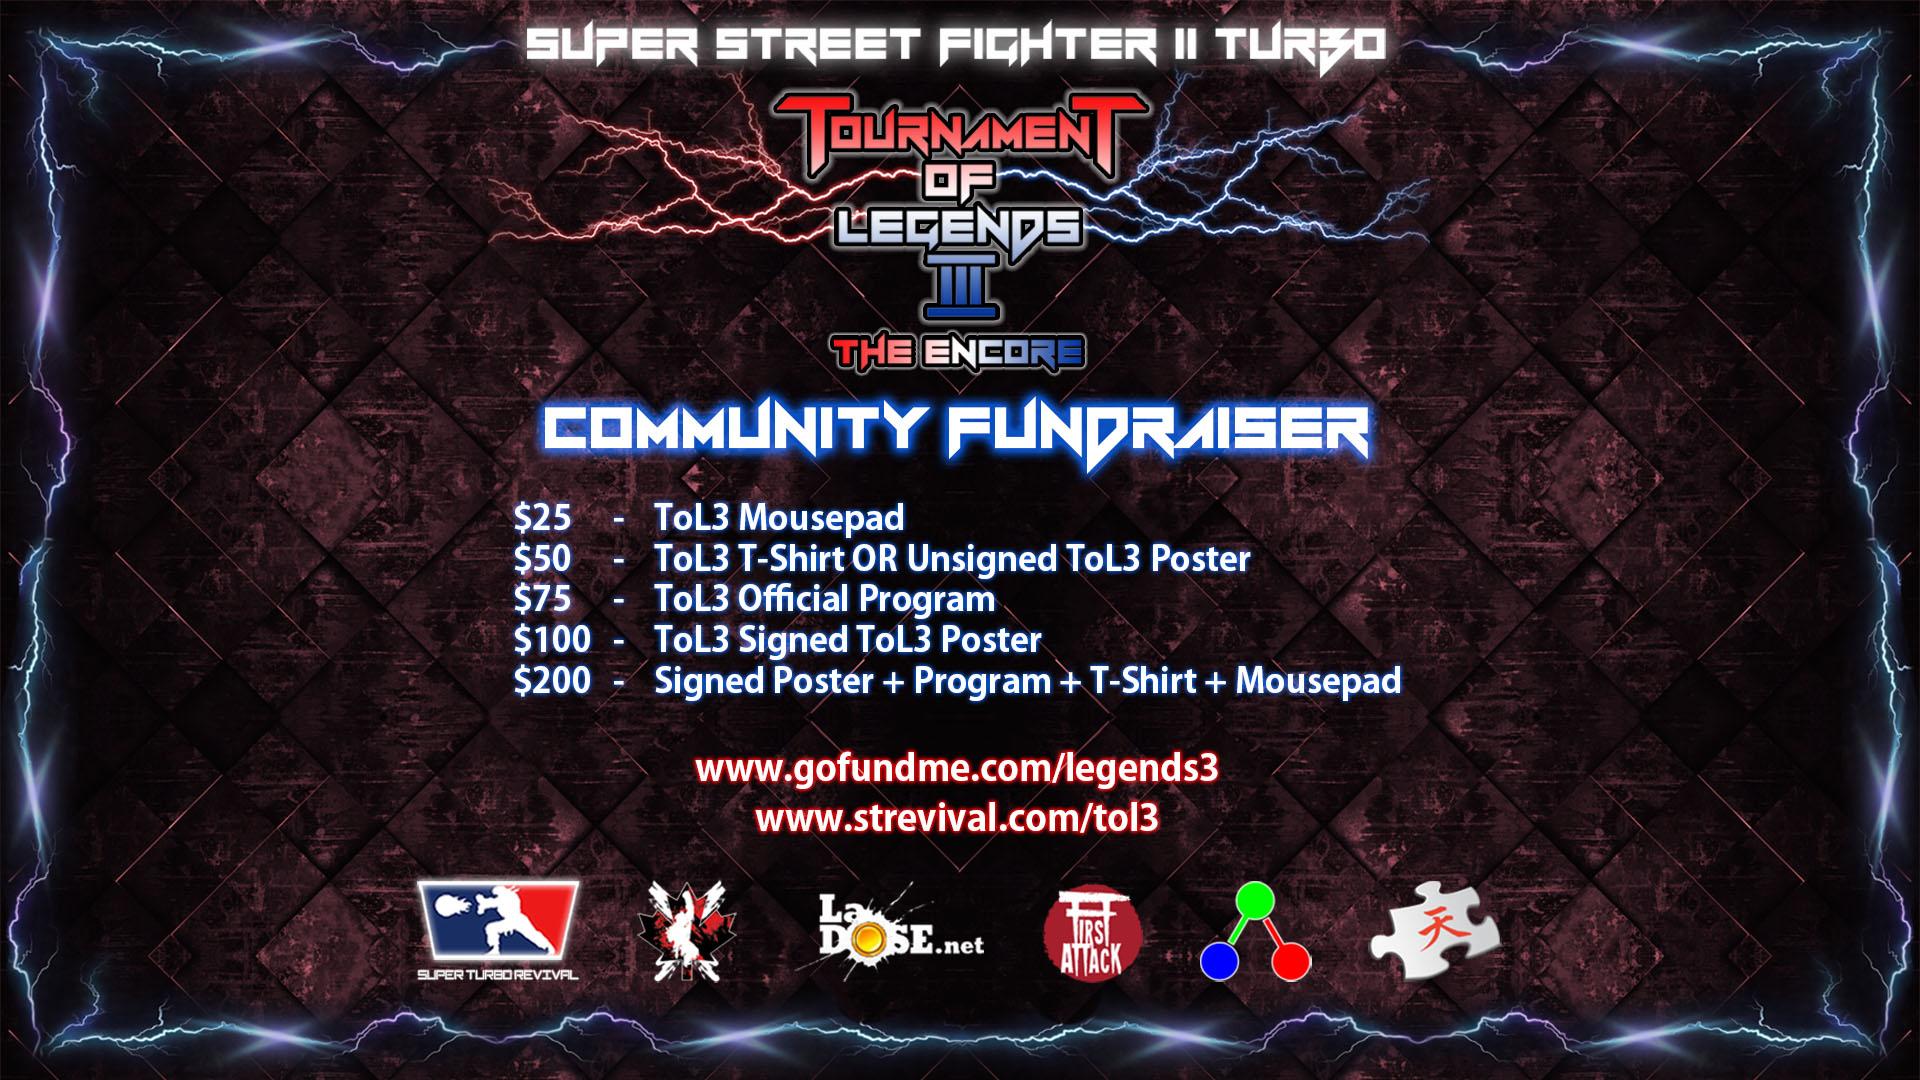 ToL3 Community Fundraiser